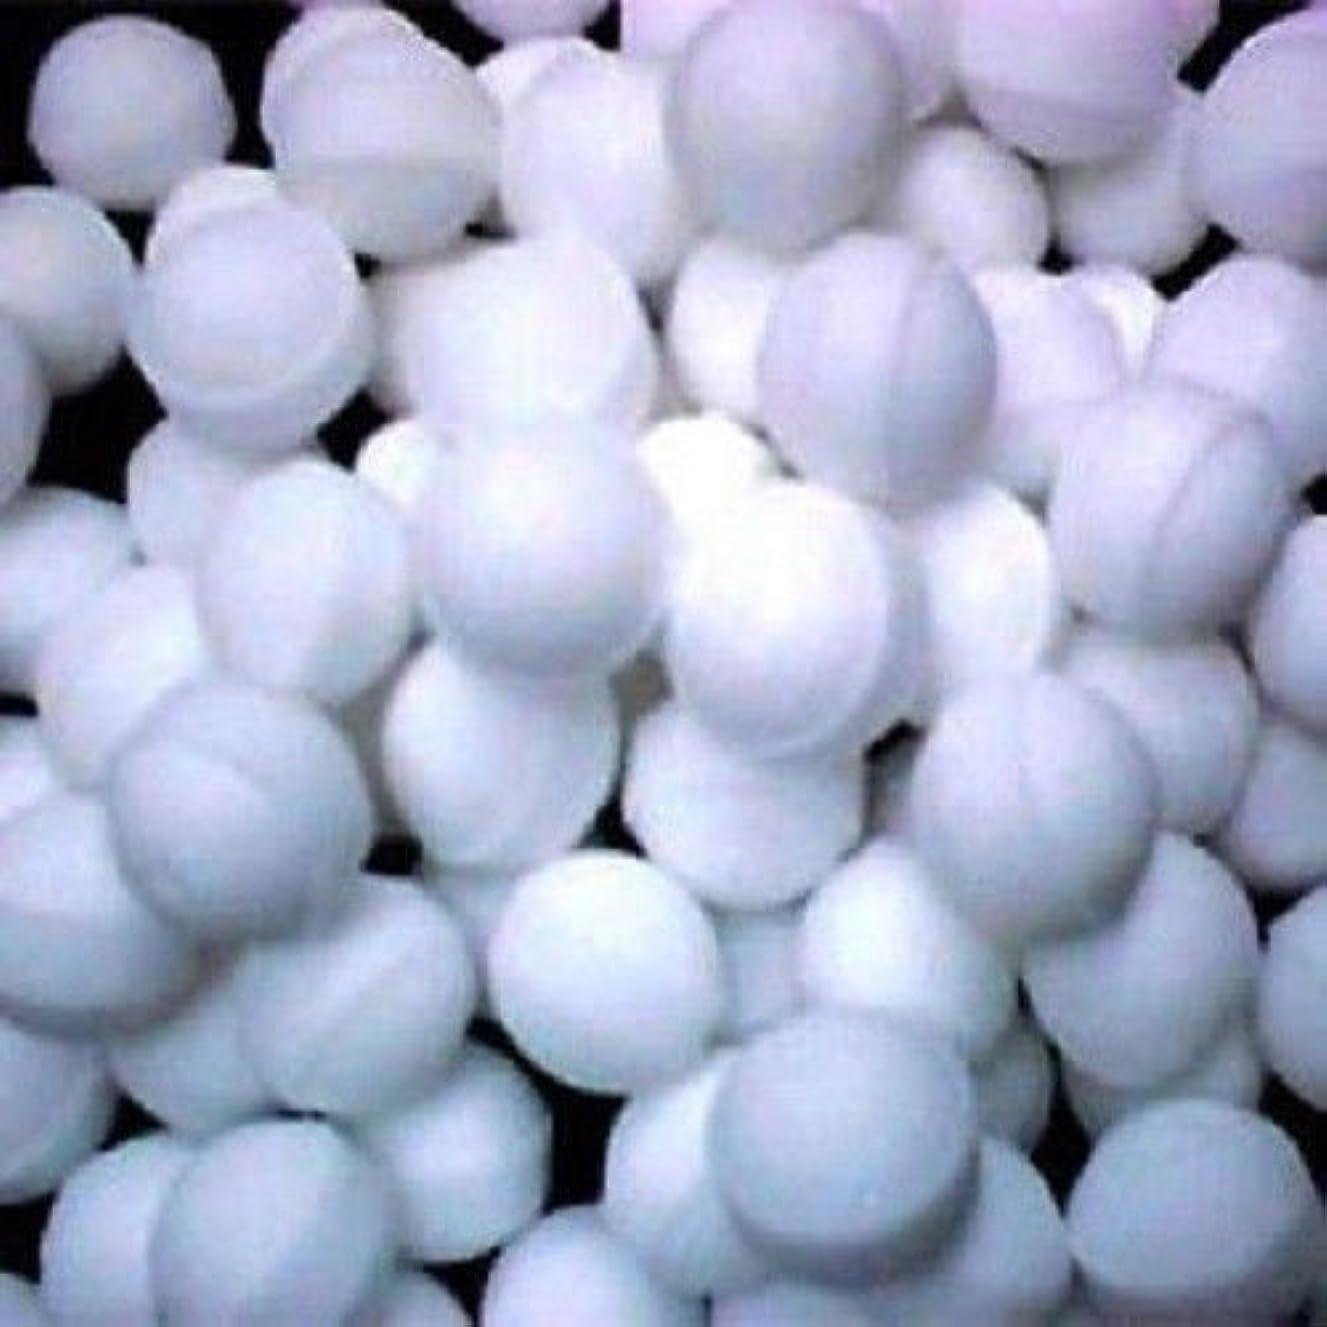 パッド姿を消す未知のNaphthalene Balls, Moth Balls,snow White,toilets,cupboards,books,cloth Mothballs- 50 Balls 100g Pack by Eagle [並行輸入品]